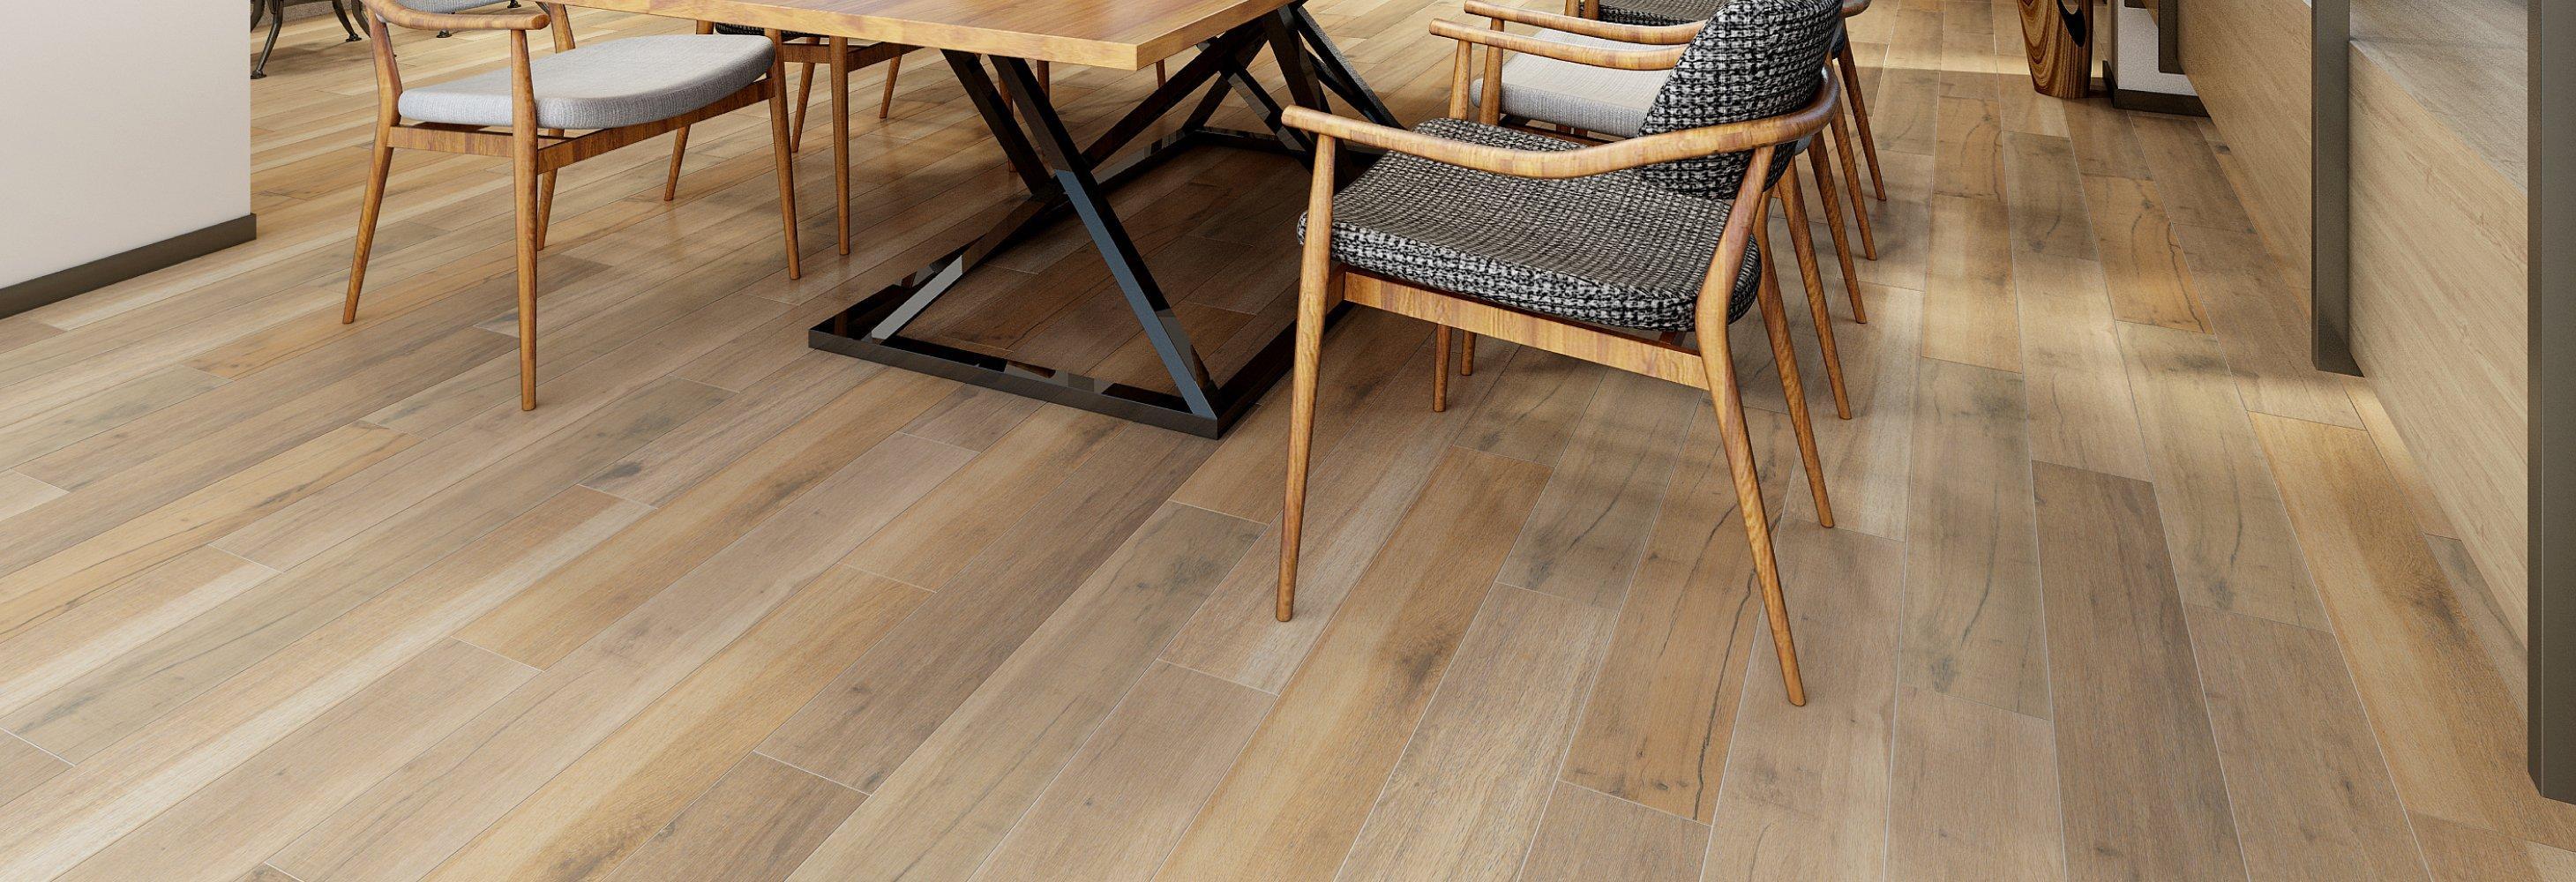 birch flooring birch wood THDFQAA